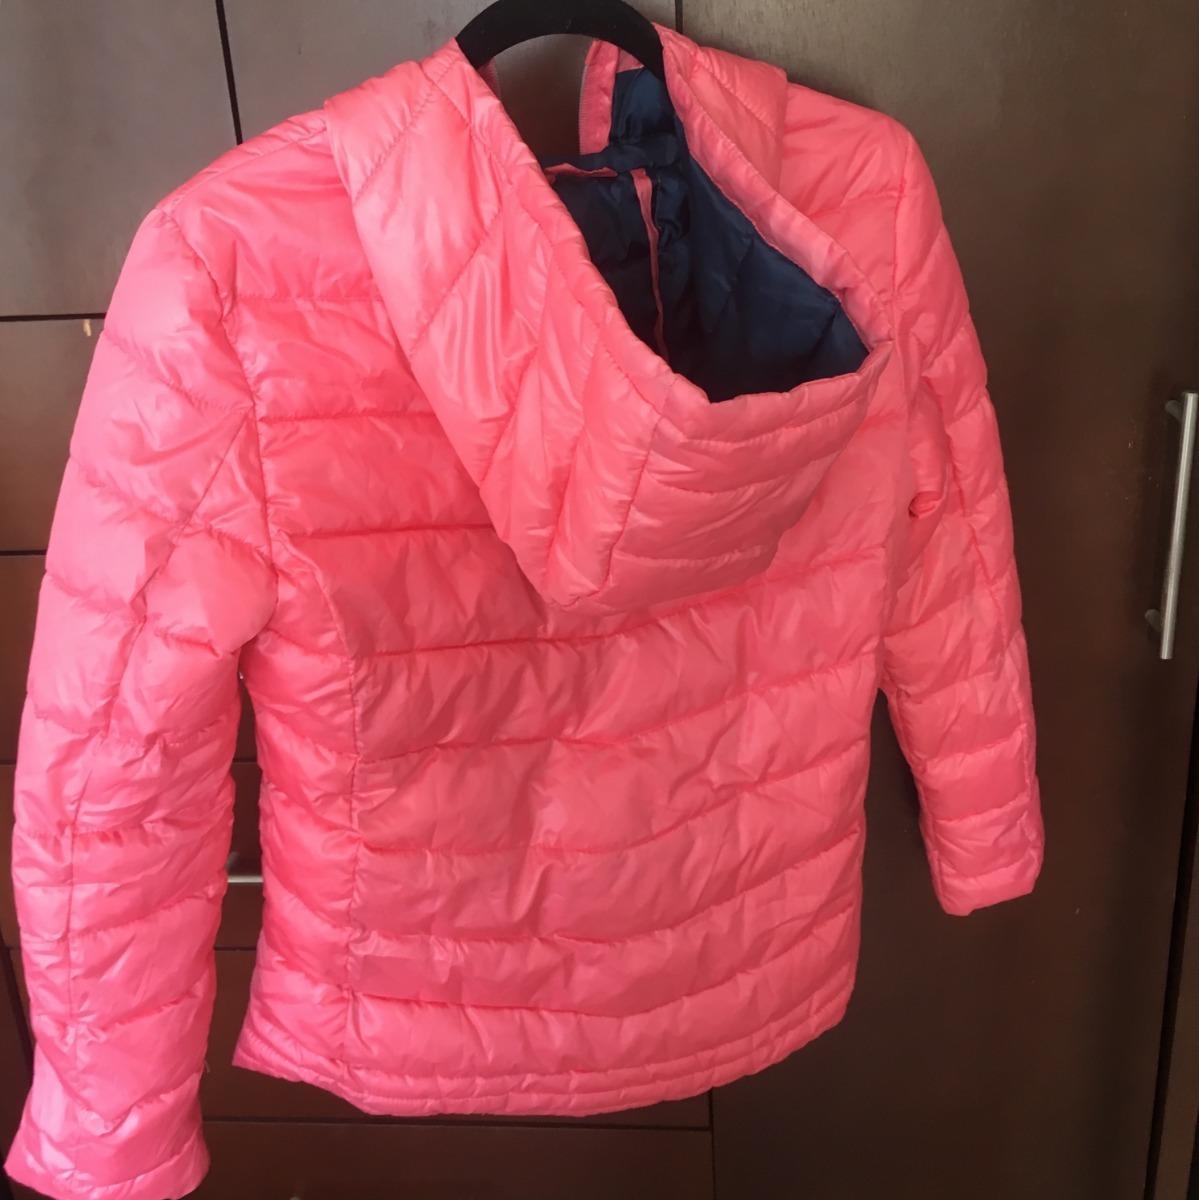 Chaqueta Rosa, Zara Kids Talla 1314 $ 450.00